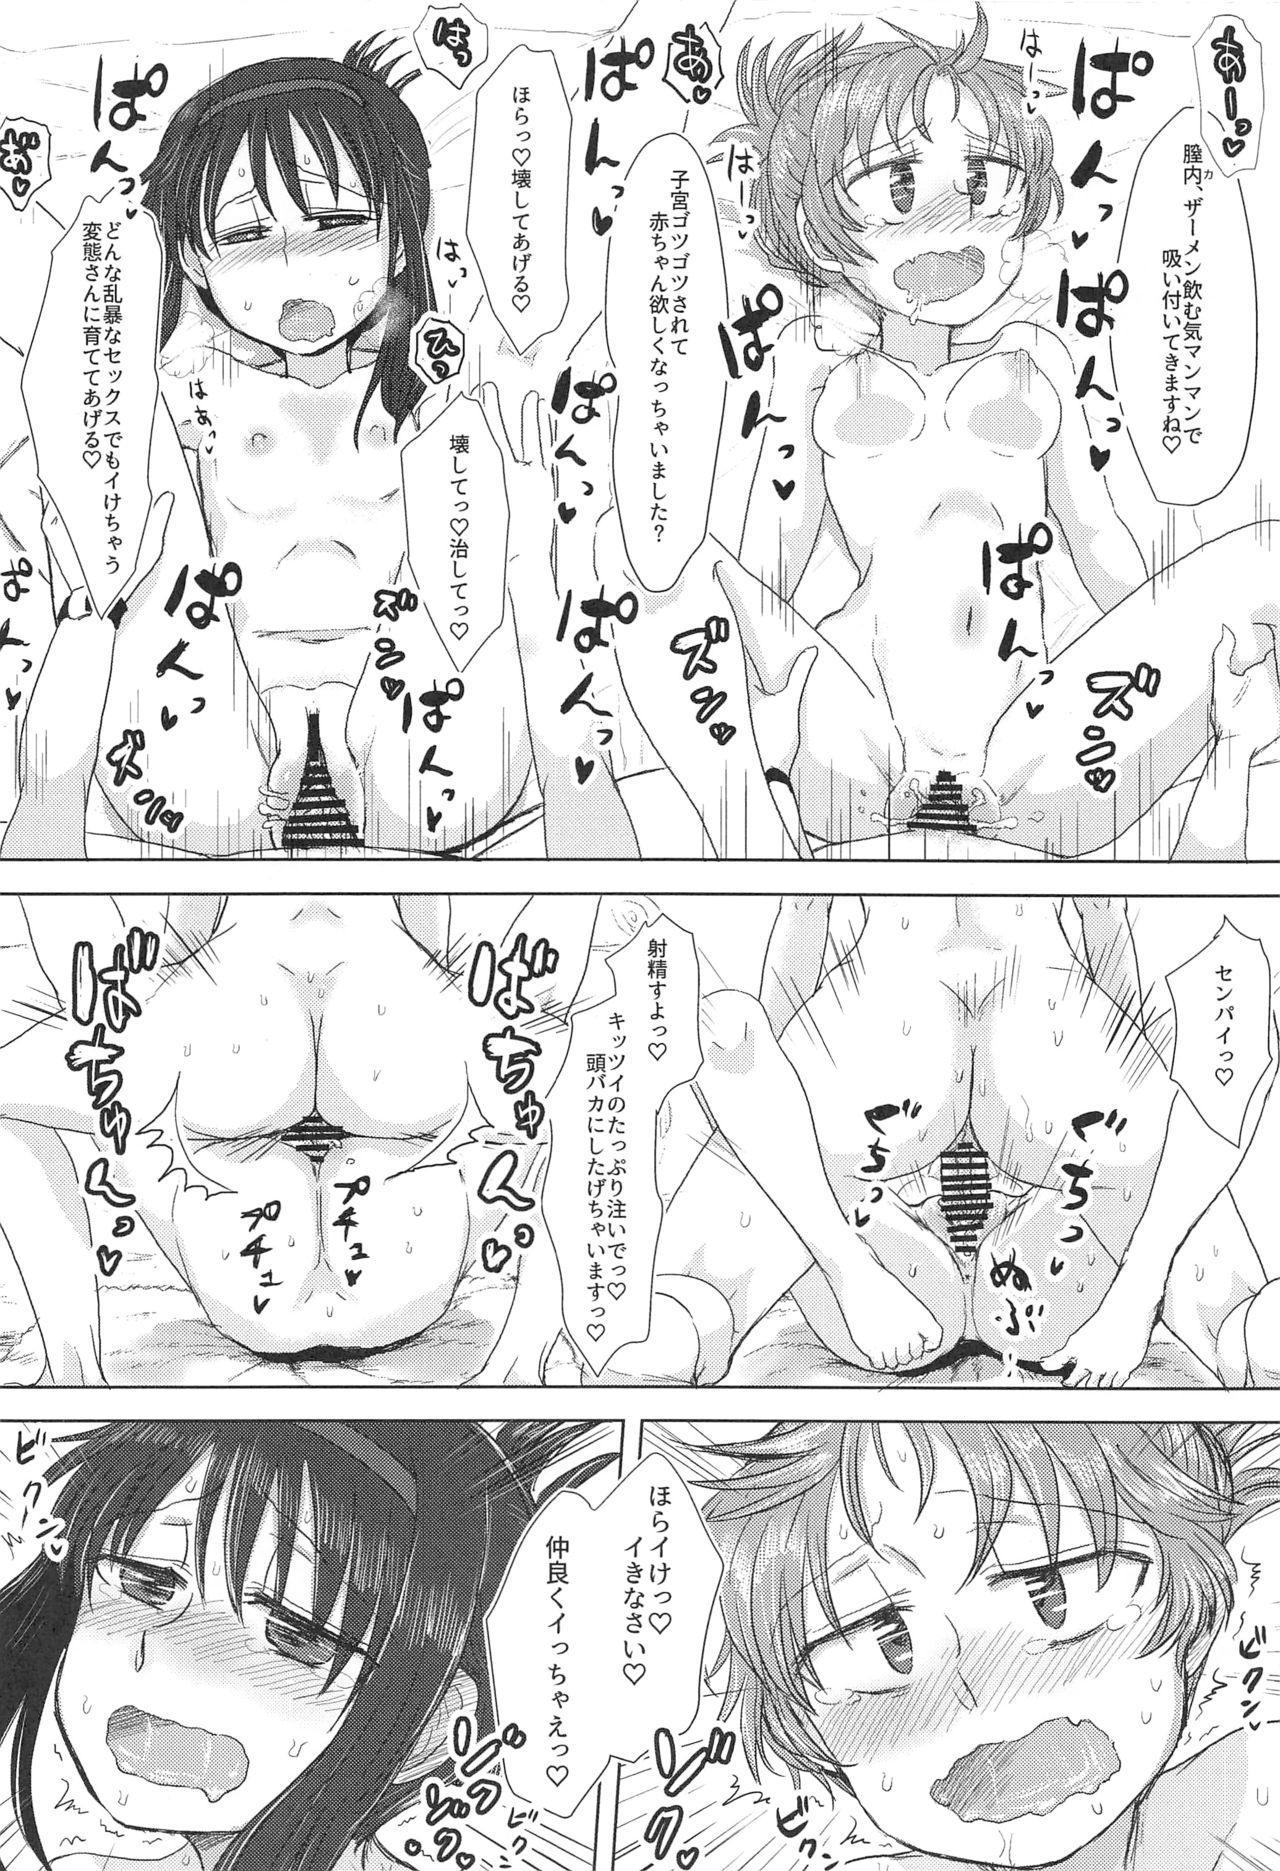 MadoHomu no Yu Puella Magi Dosukebe Onsen 34